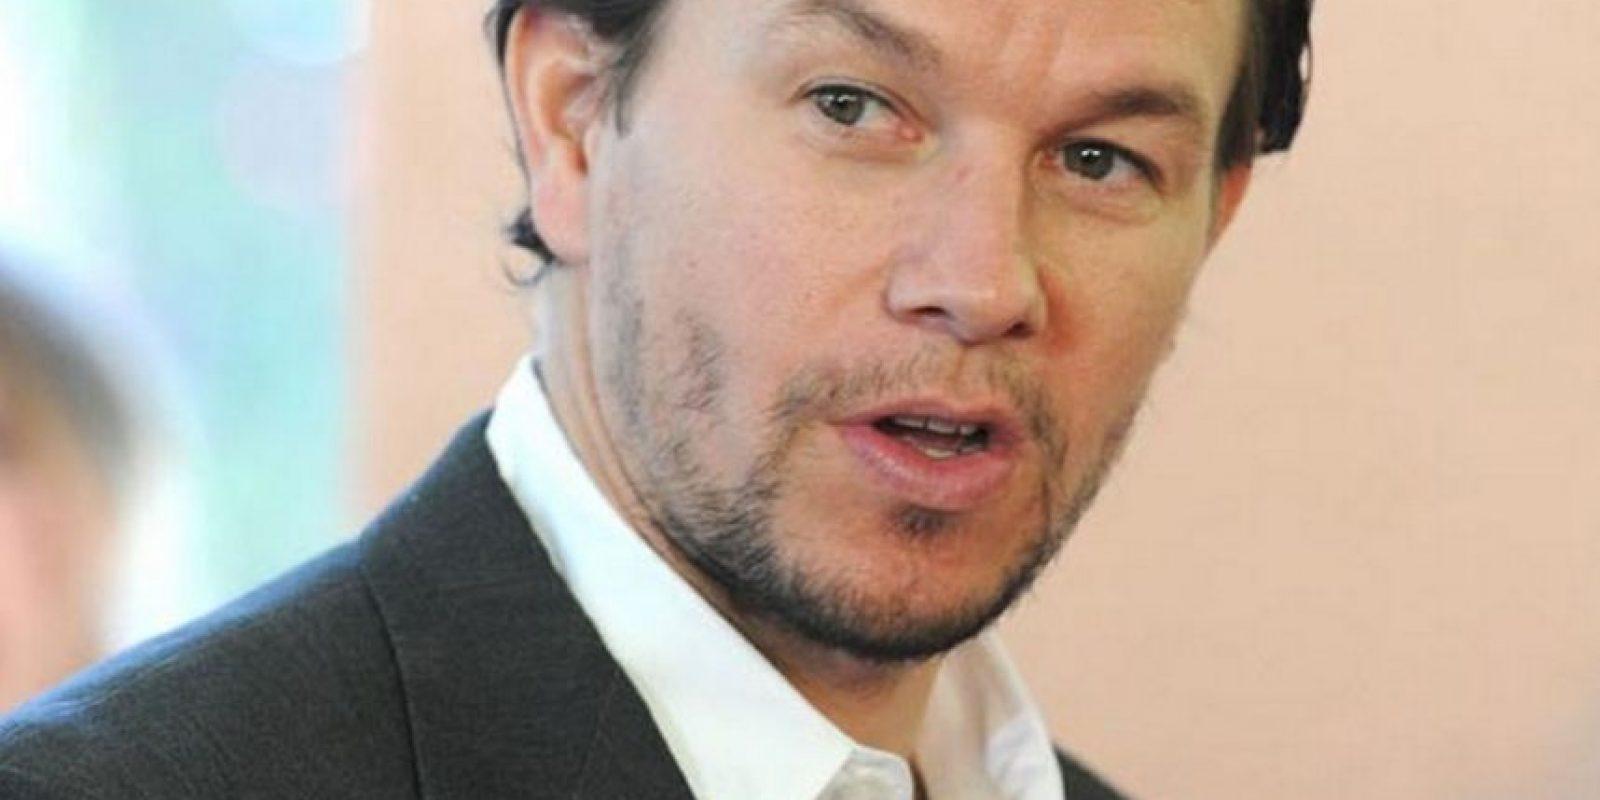 Marky Mark se transformó en el actor Mark Wahlberg, quien cabe decir, ha tenido una respetable carrera en el cine. Foto:Getty Images